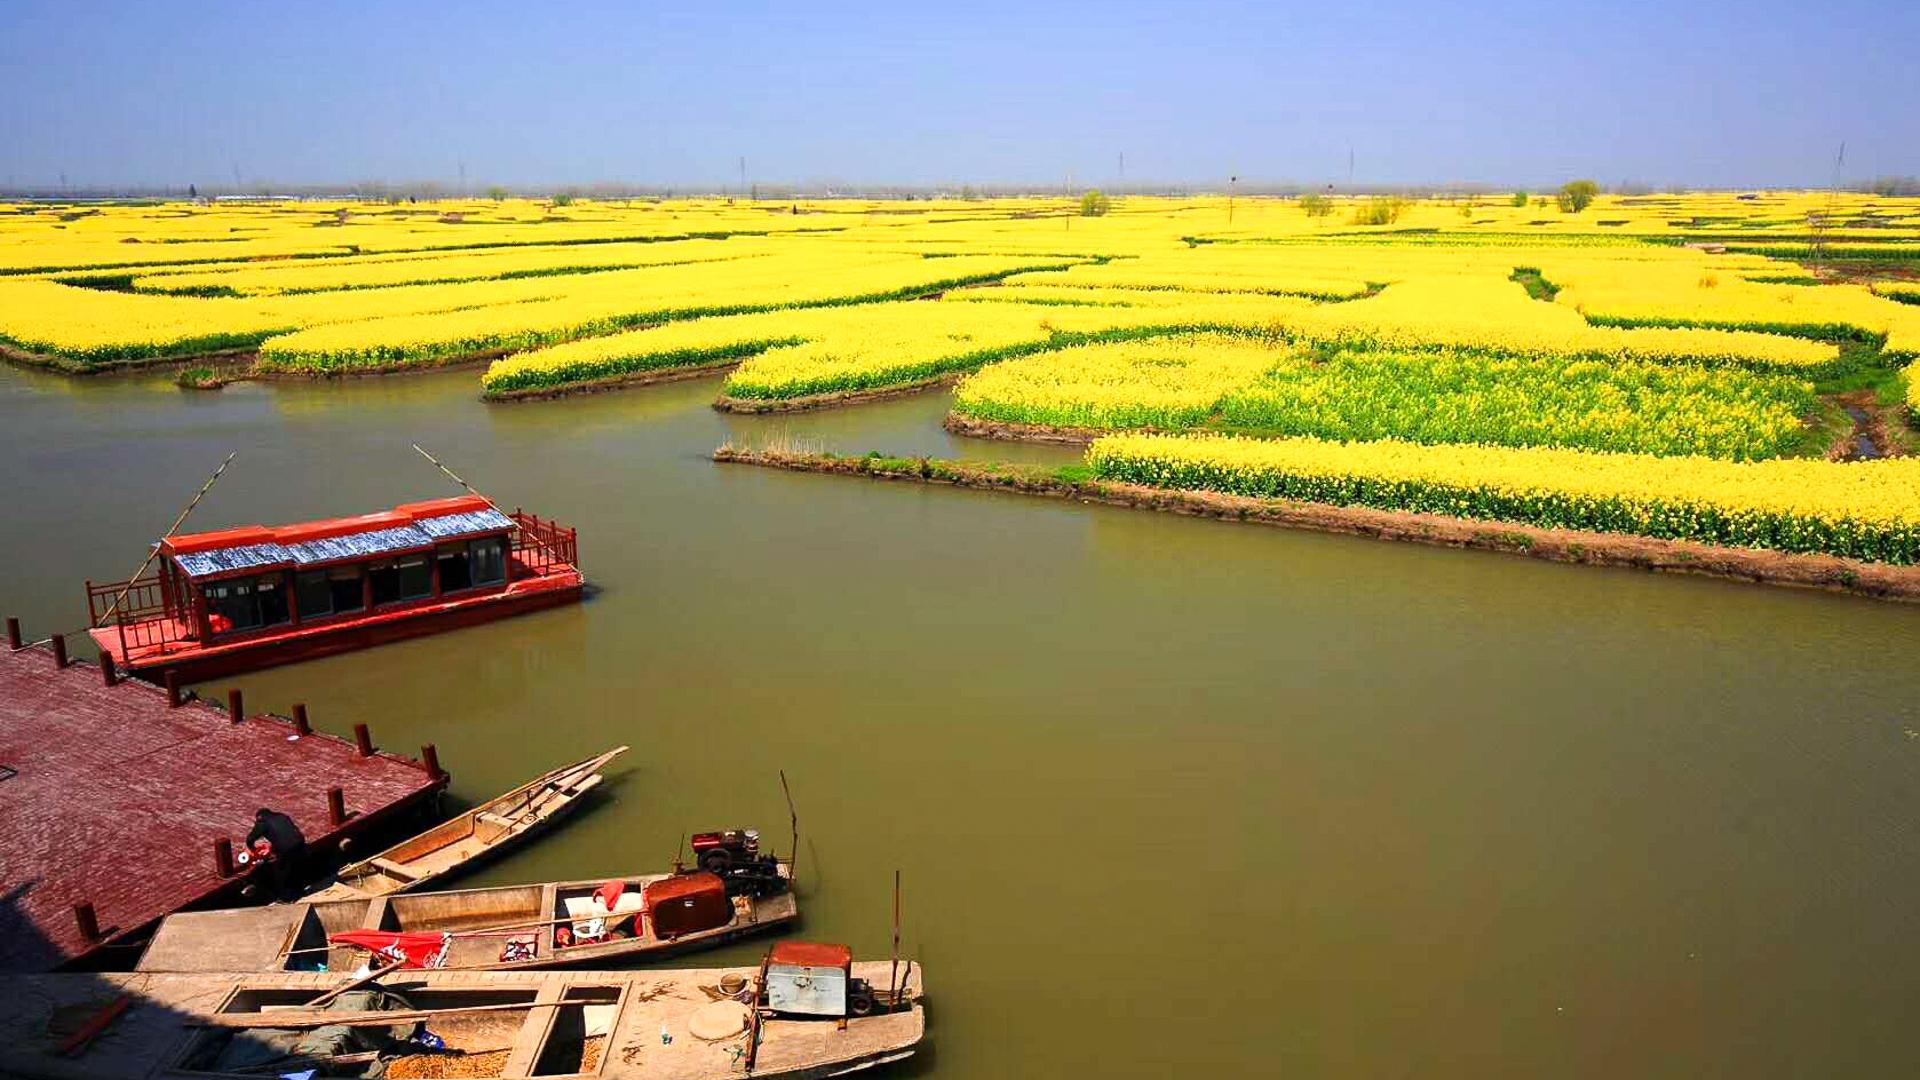 漂亮的景色都藏在农村,春季里兴化千垛景区成为泰州最美的地方